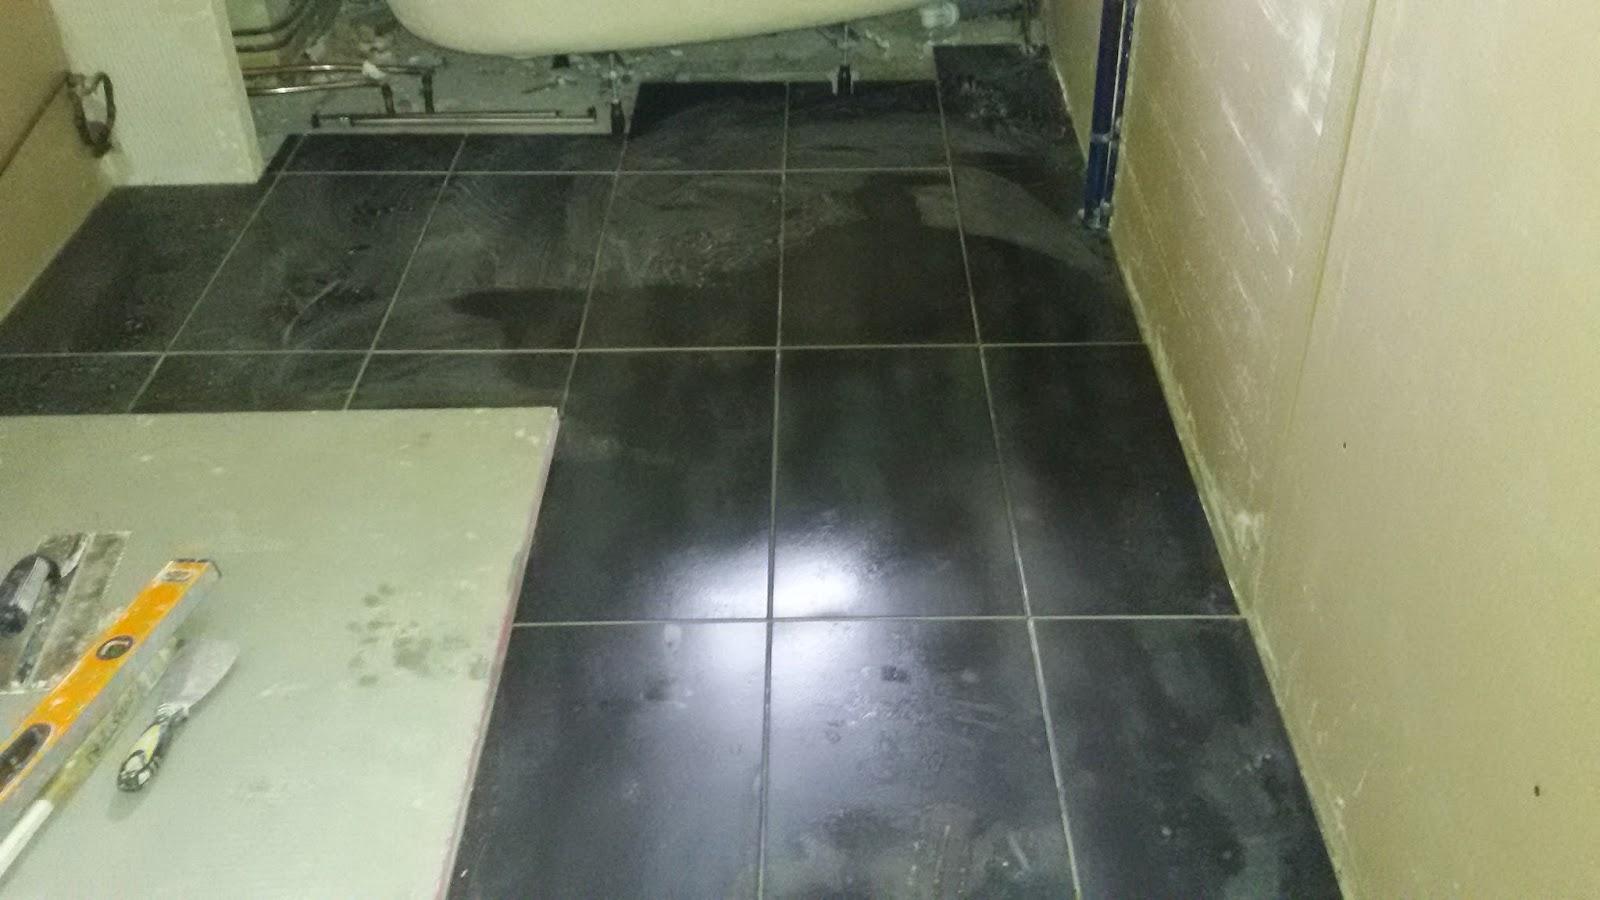 Pose Parquet Salle De Bain Comment Poser Du Carrelage Carrelage - Pose parquet salle de bain